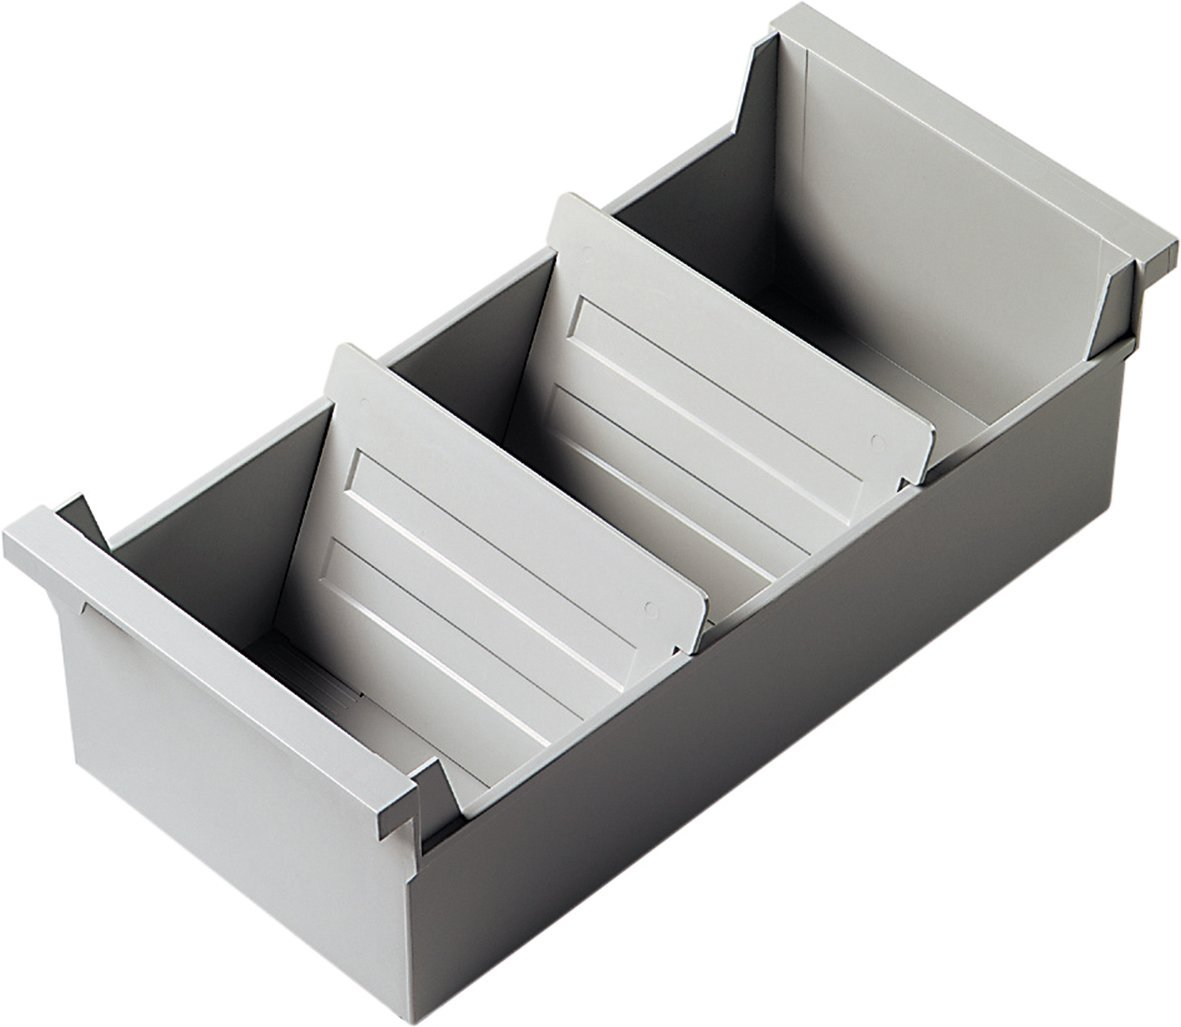 Helit - Archivadores rígidos apilables A6, color gris claro: Amazon.es: Oficina y papelería